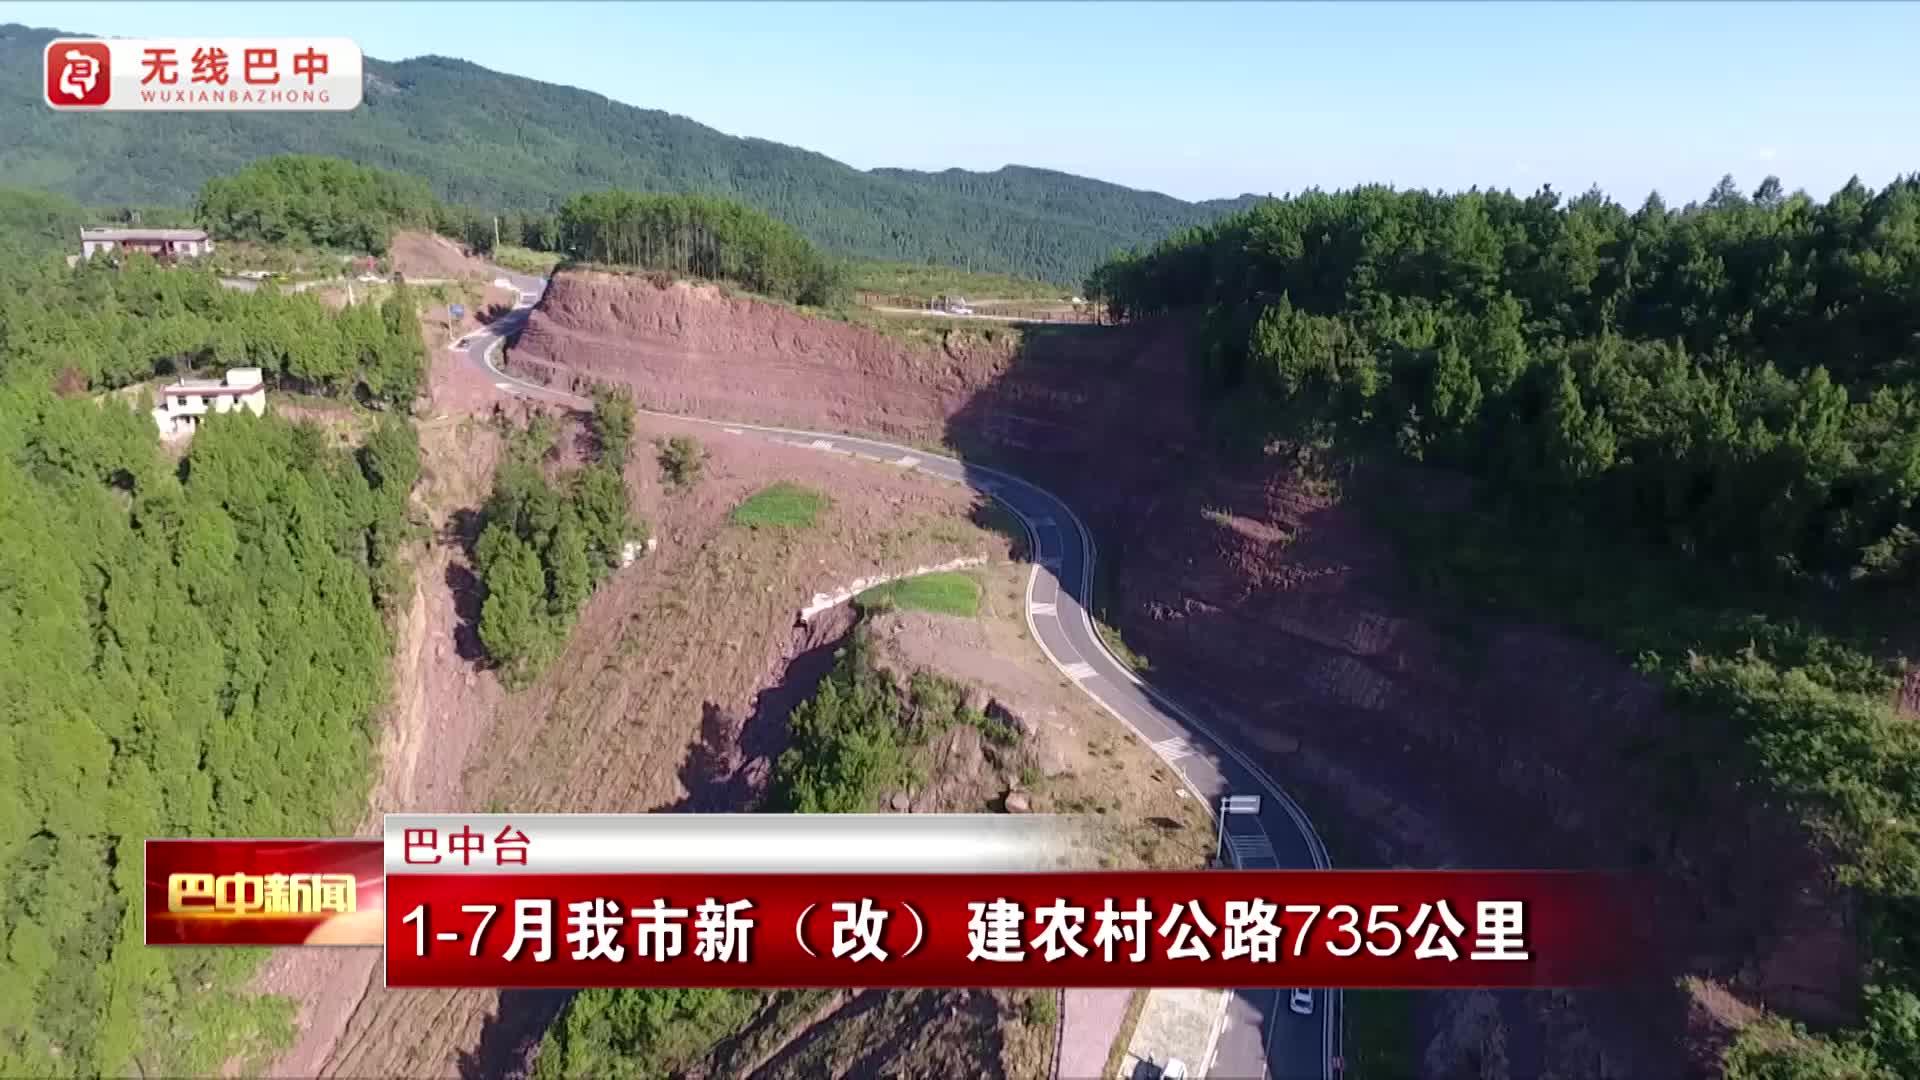 1-7月我市新(改)建農村公路735公里